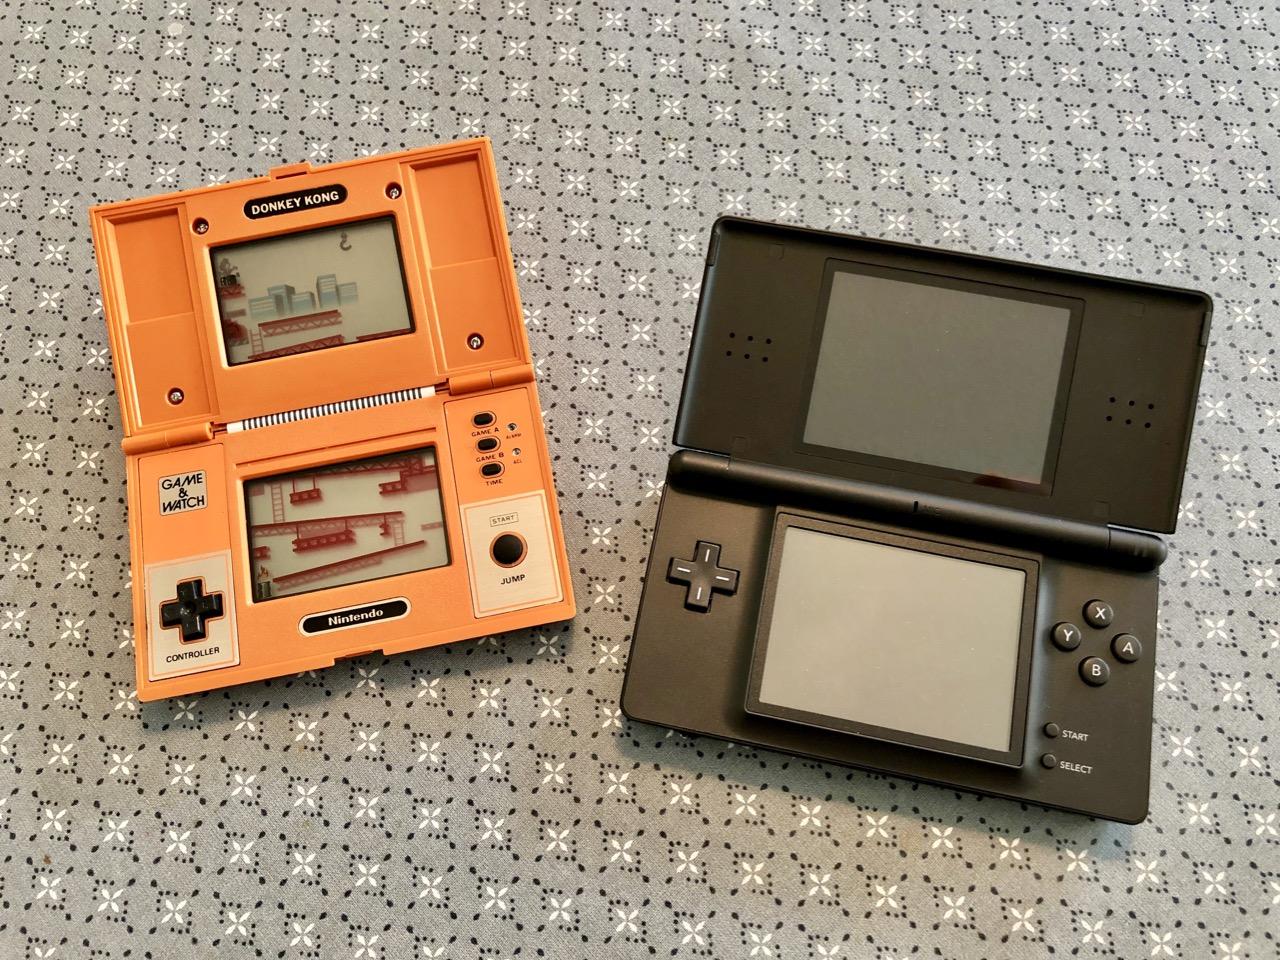 Links: Nintendos Game & Watch Donkey Kong von 1982, Rechts: Nintendos DS Lite von 2006. (Bild: André Eymann)